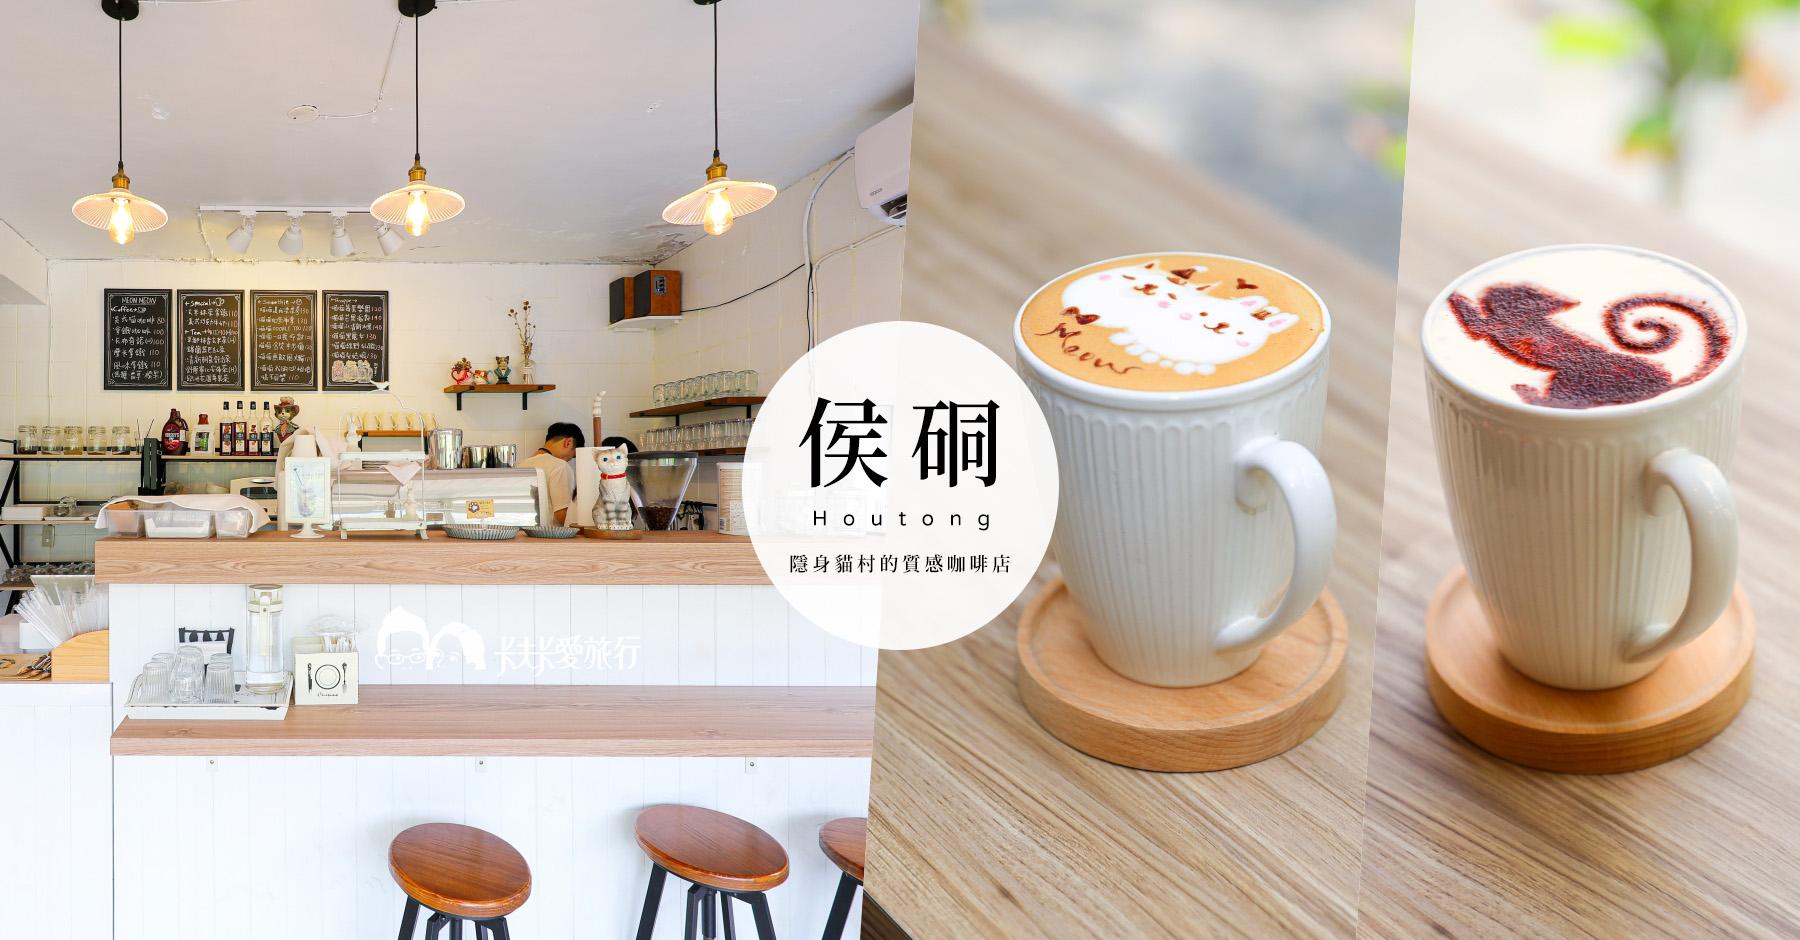 猴硐貓村質感咖啡廳|MEOWMEOW喵喵|超吸睛貓咪拉花造型咖啡冰沙貓咪選物